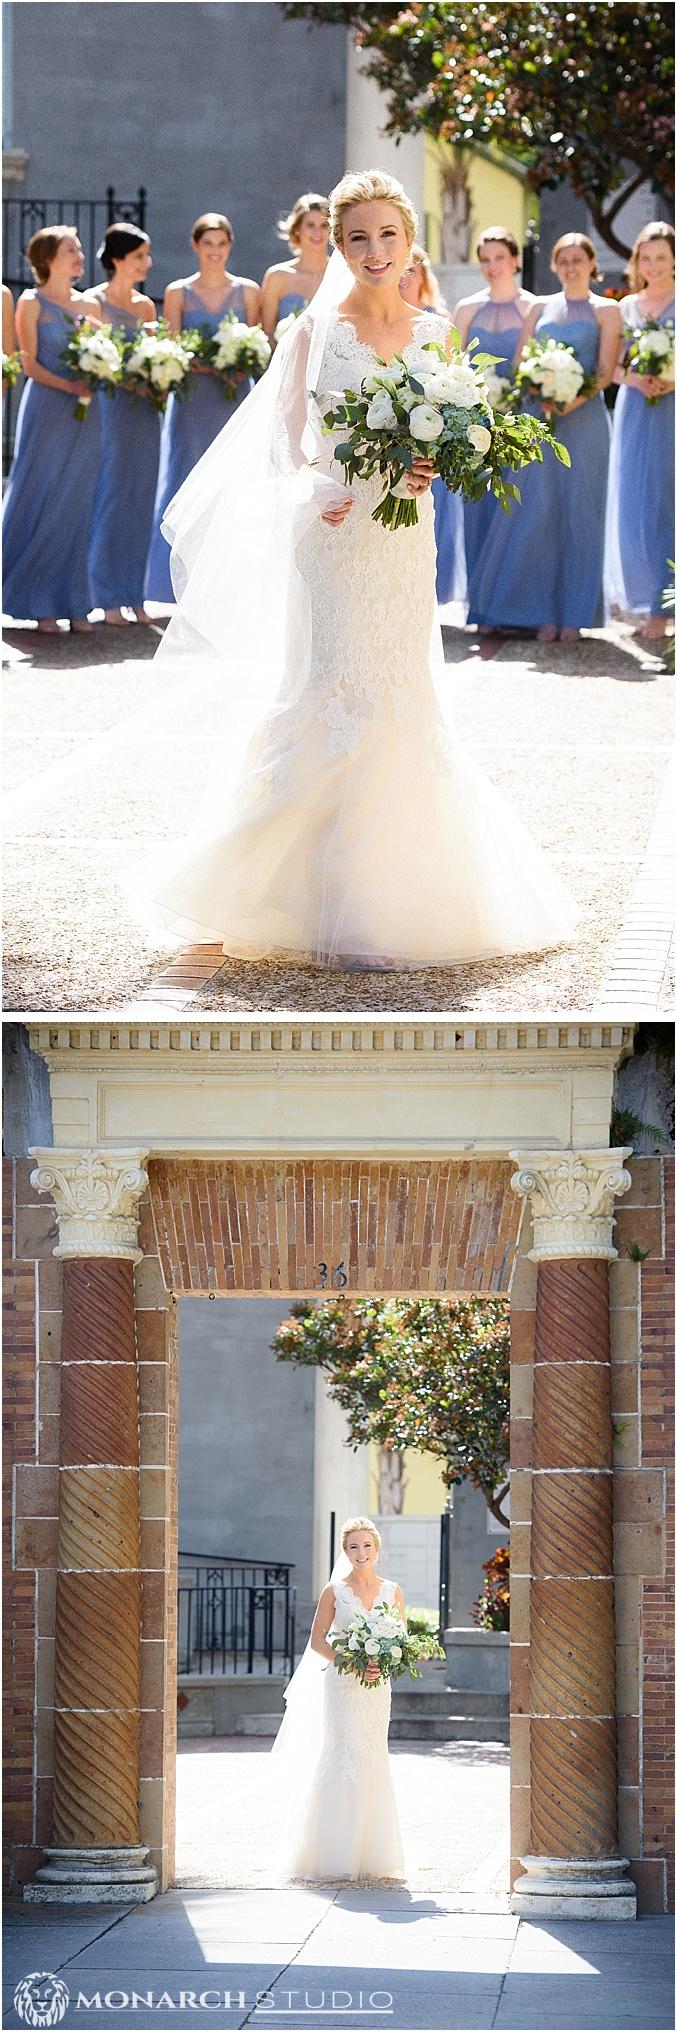 St-Augustine-Wedding-Photographer-Lightner-museum-006.jpg